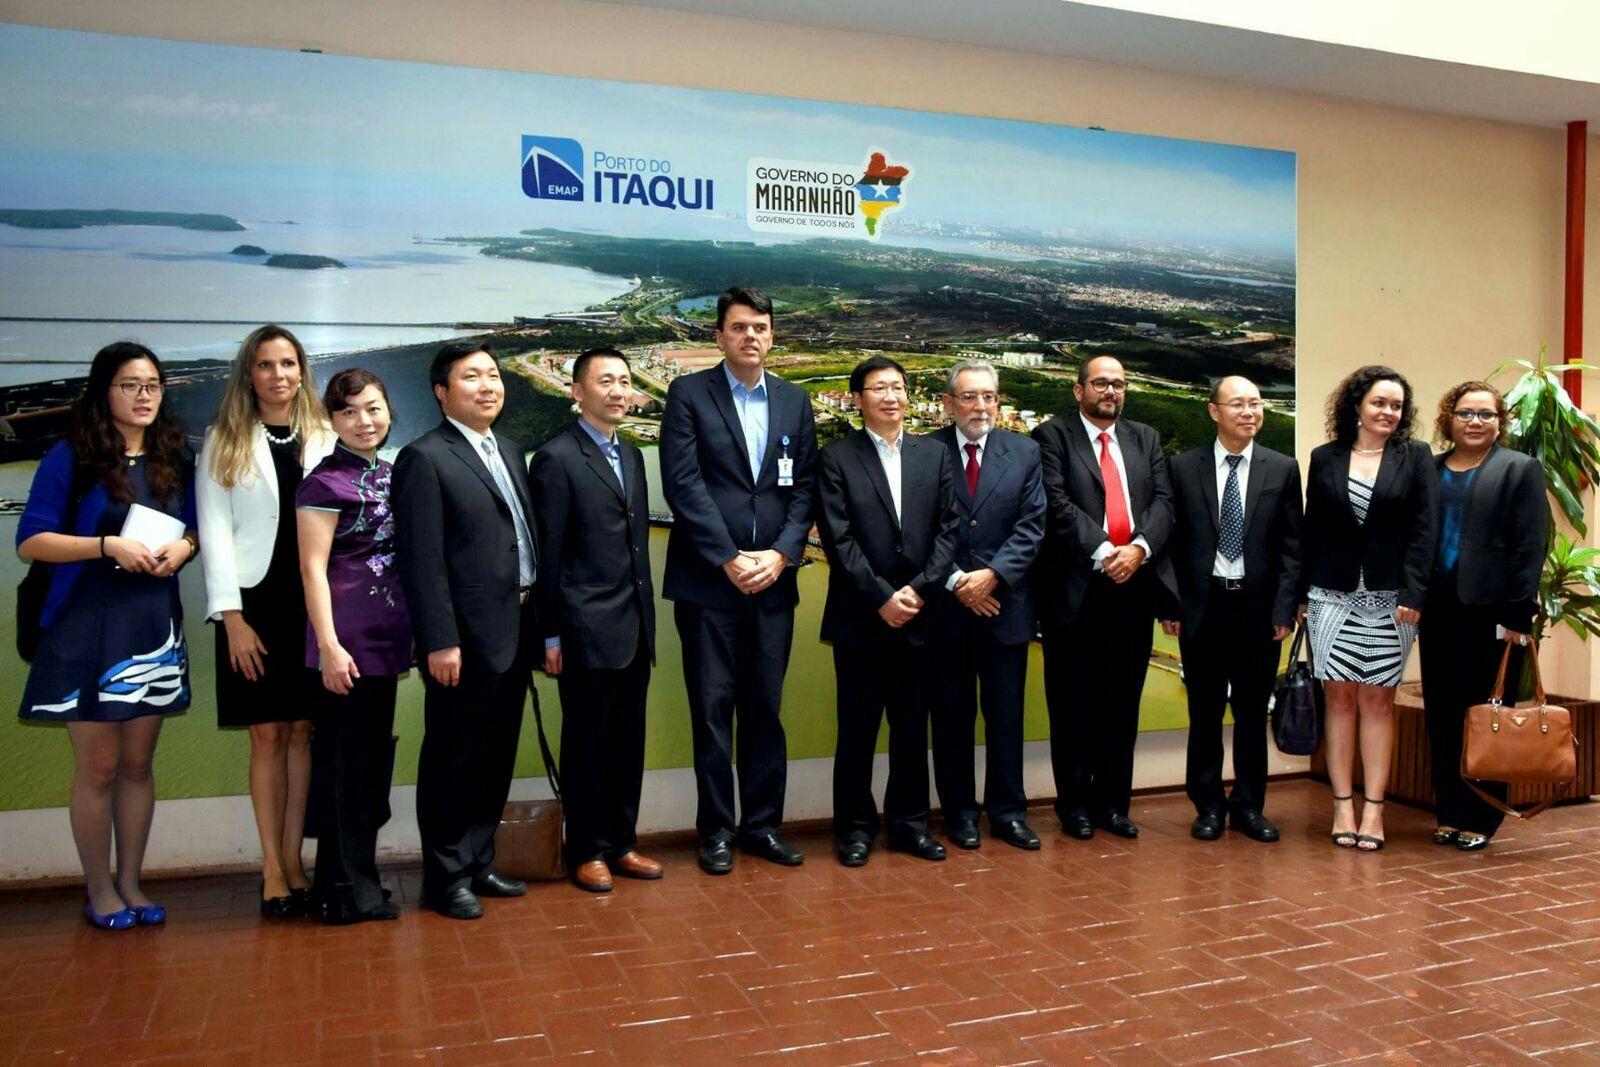 Comitiva da China visita Porto do Itaqui